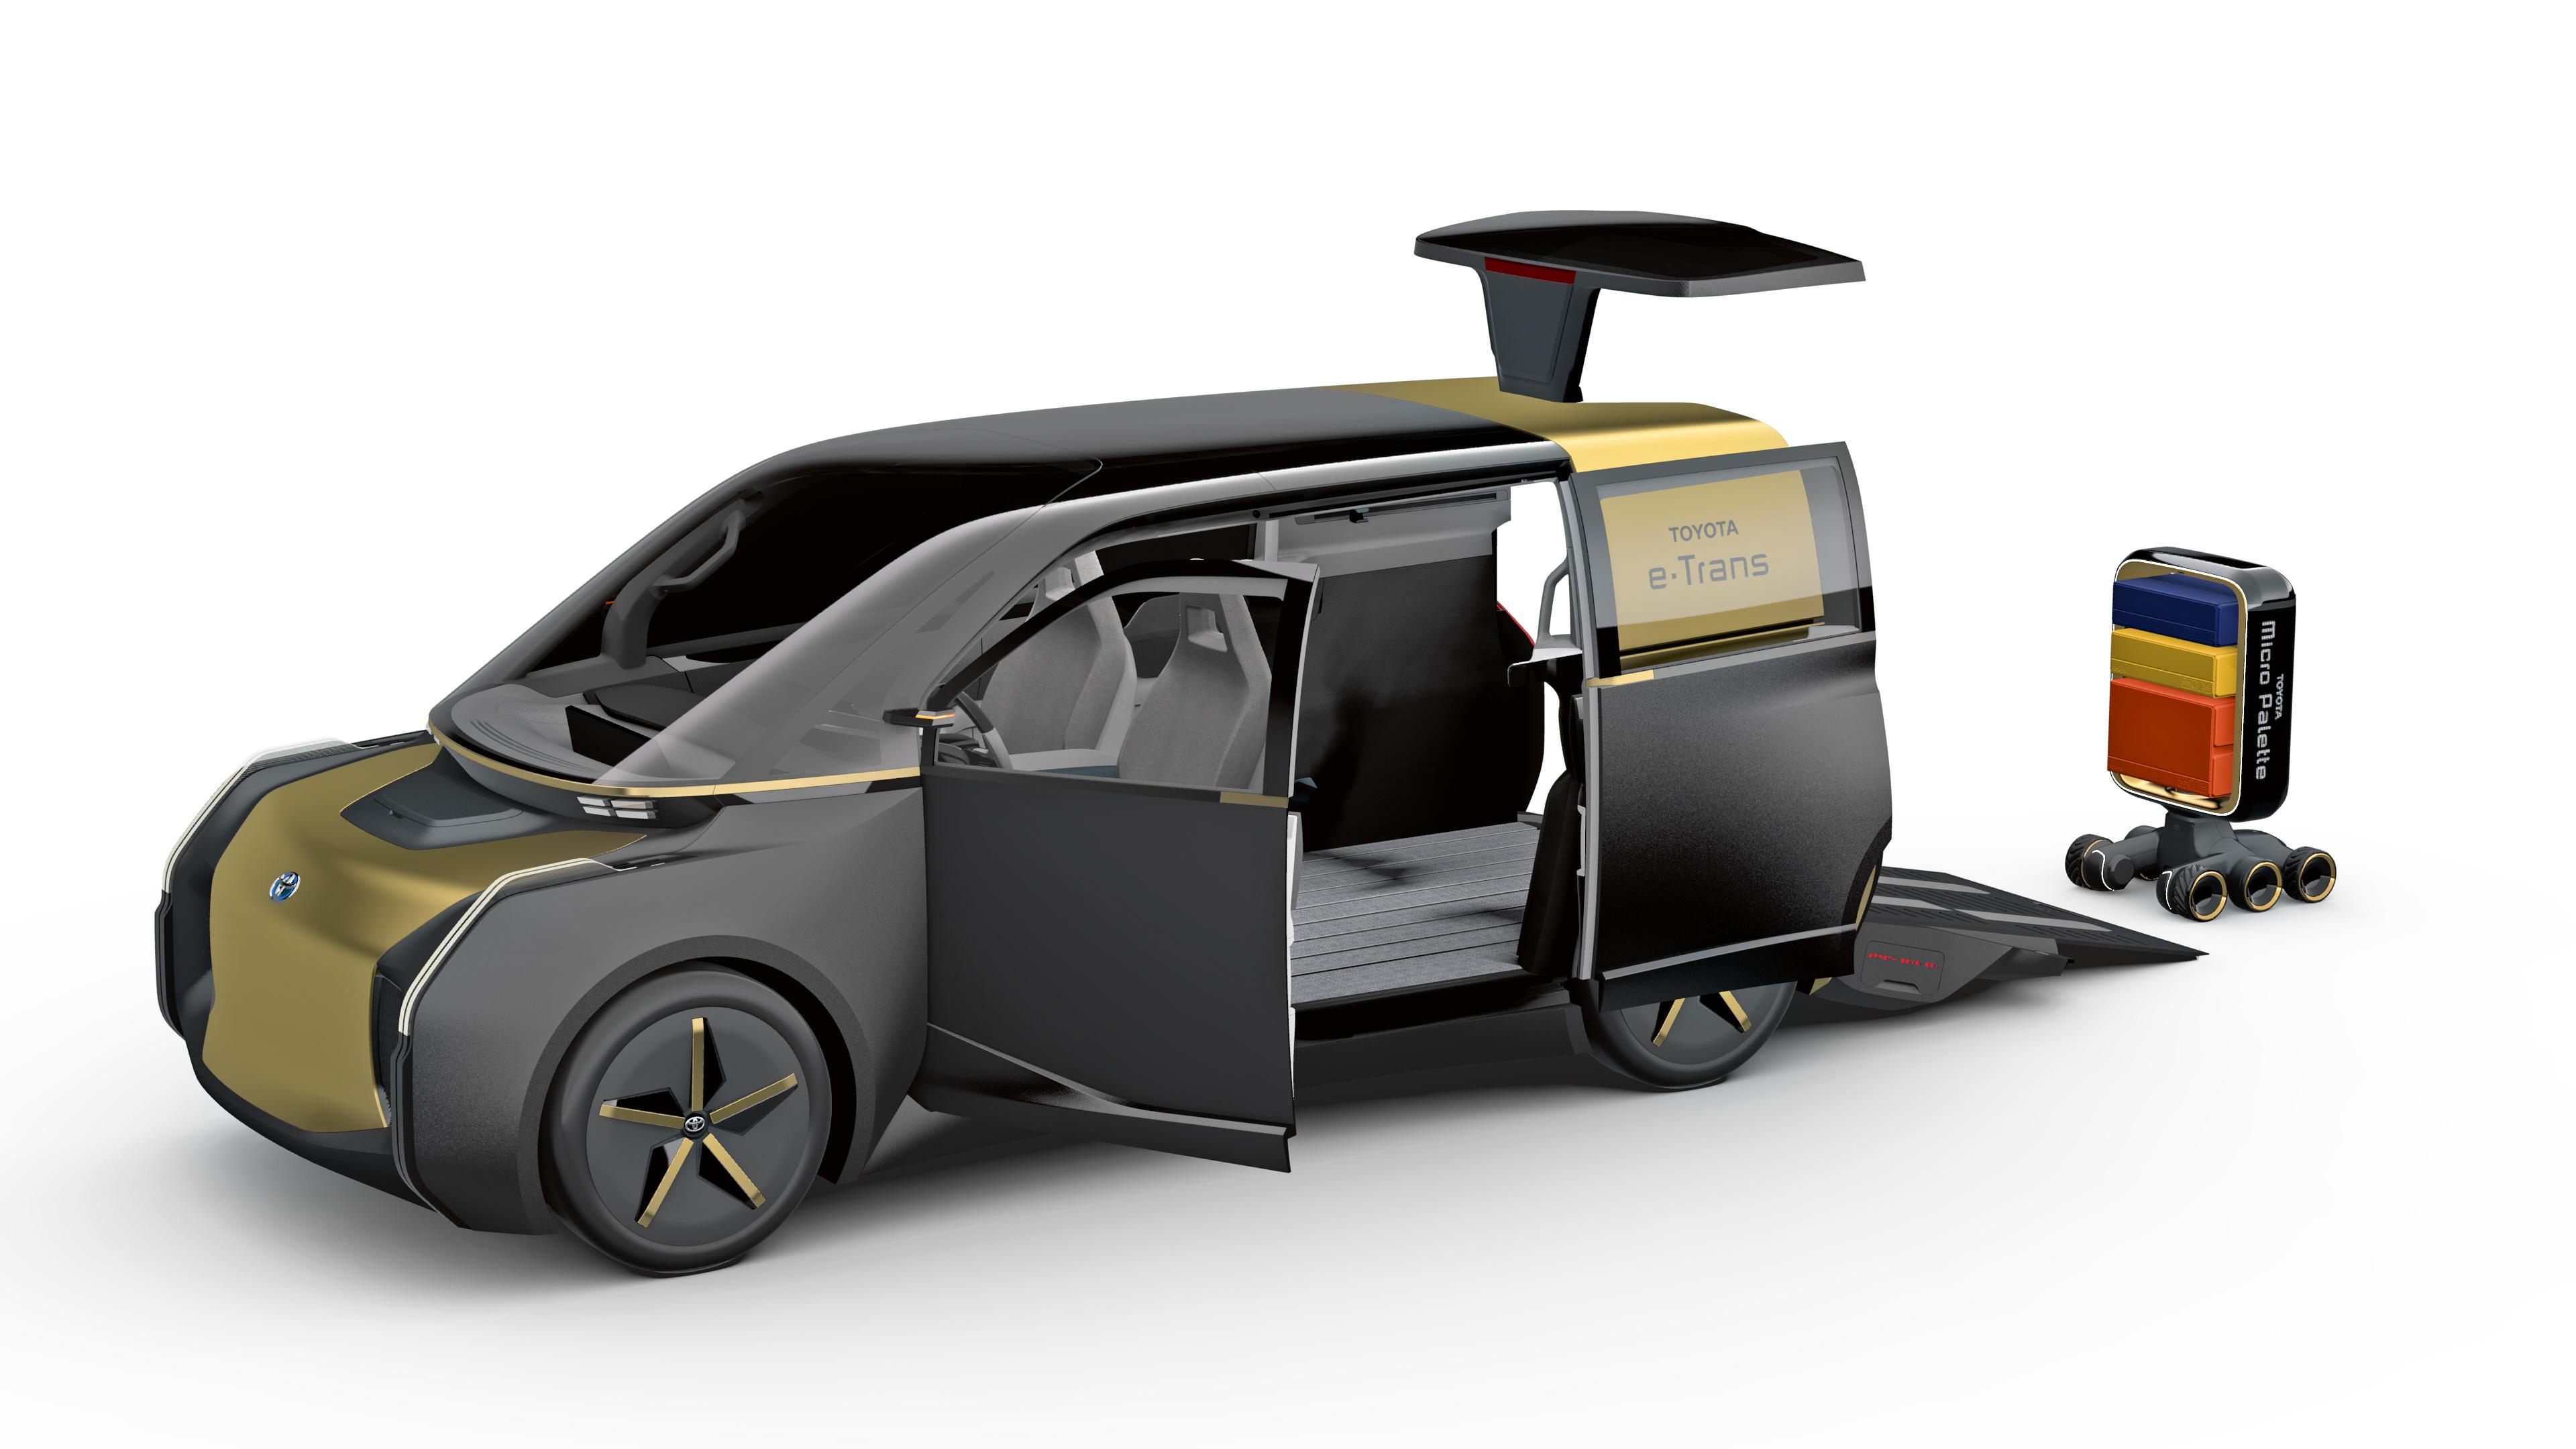 Variabel einsetzbar: Ob Bus, Supermarkt, Hotel oder Lieferwagen: Der E-Palette von Toyota ist multifunktional. Foto: Toyota